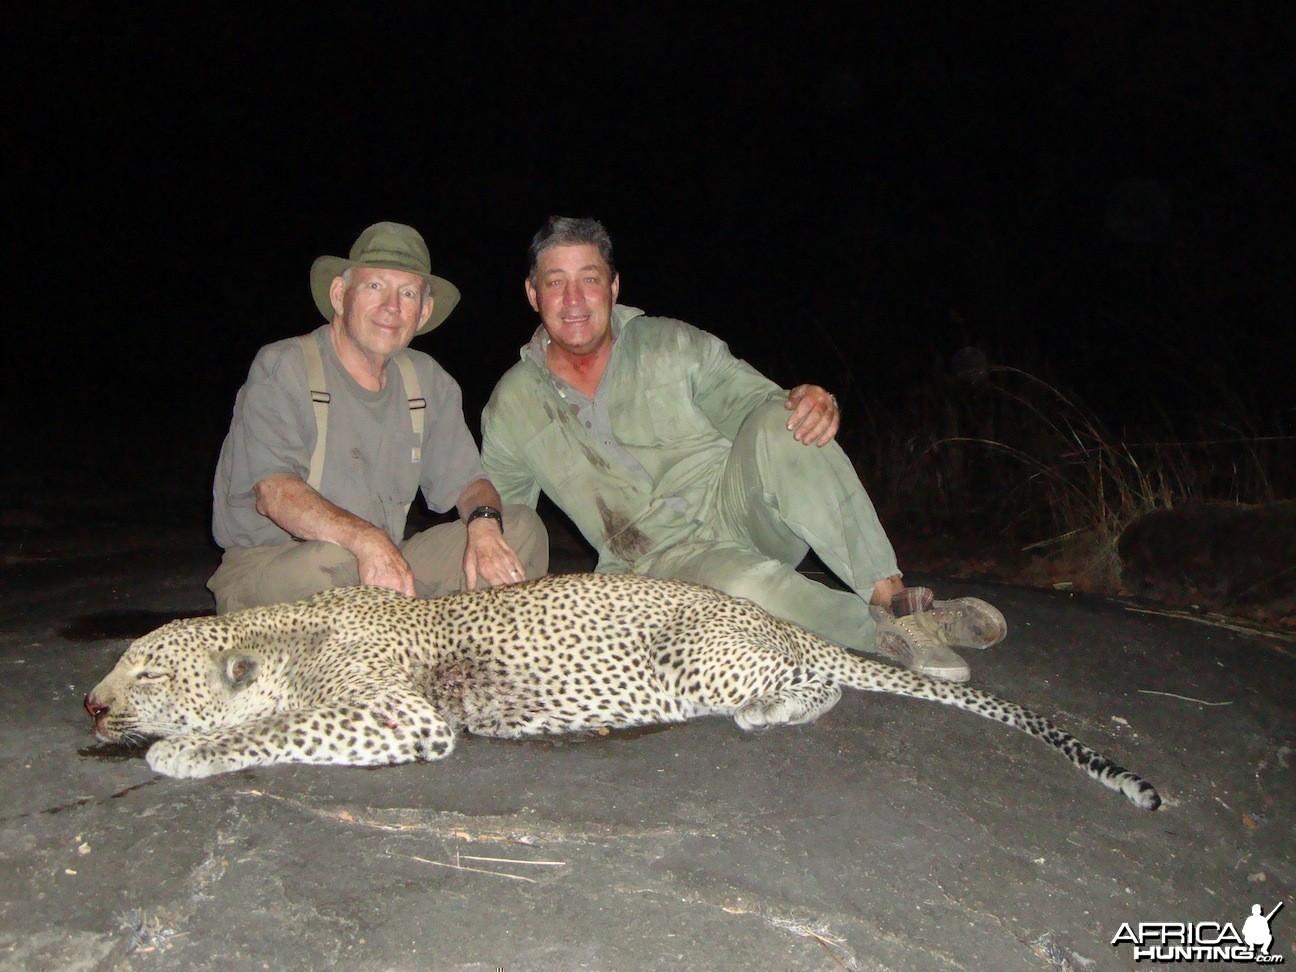 Leopard Mozambique